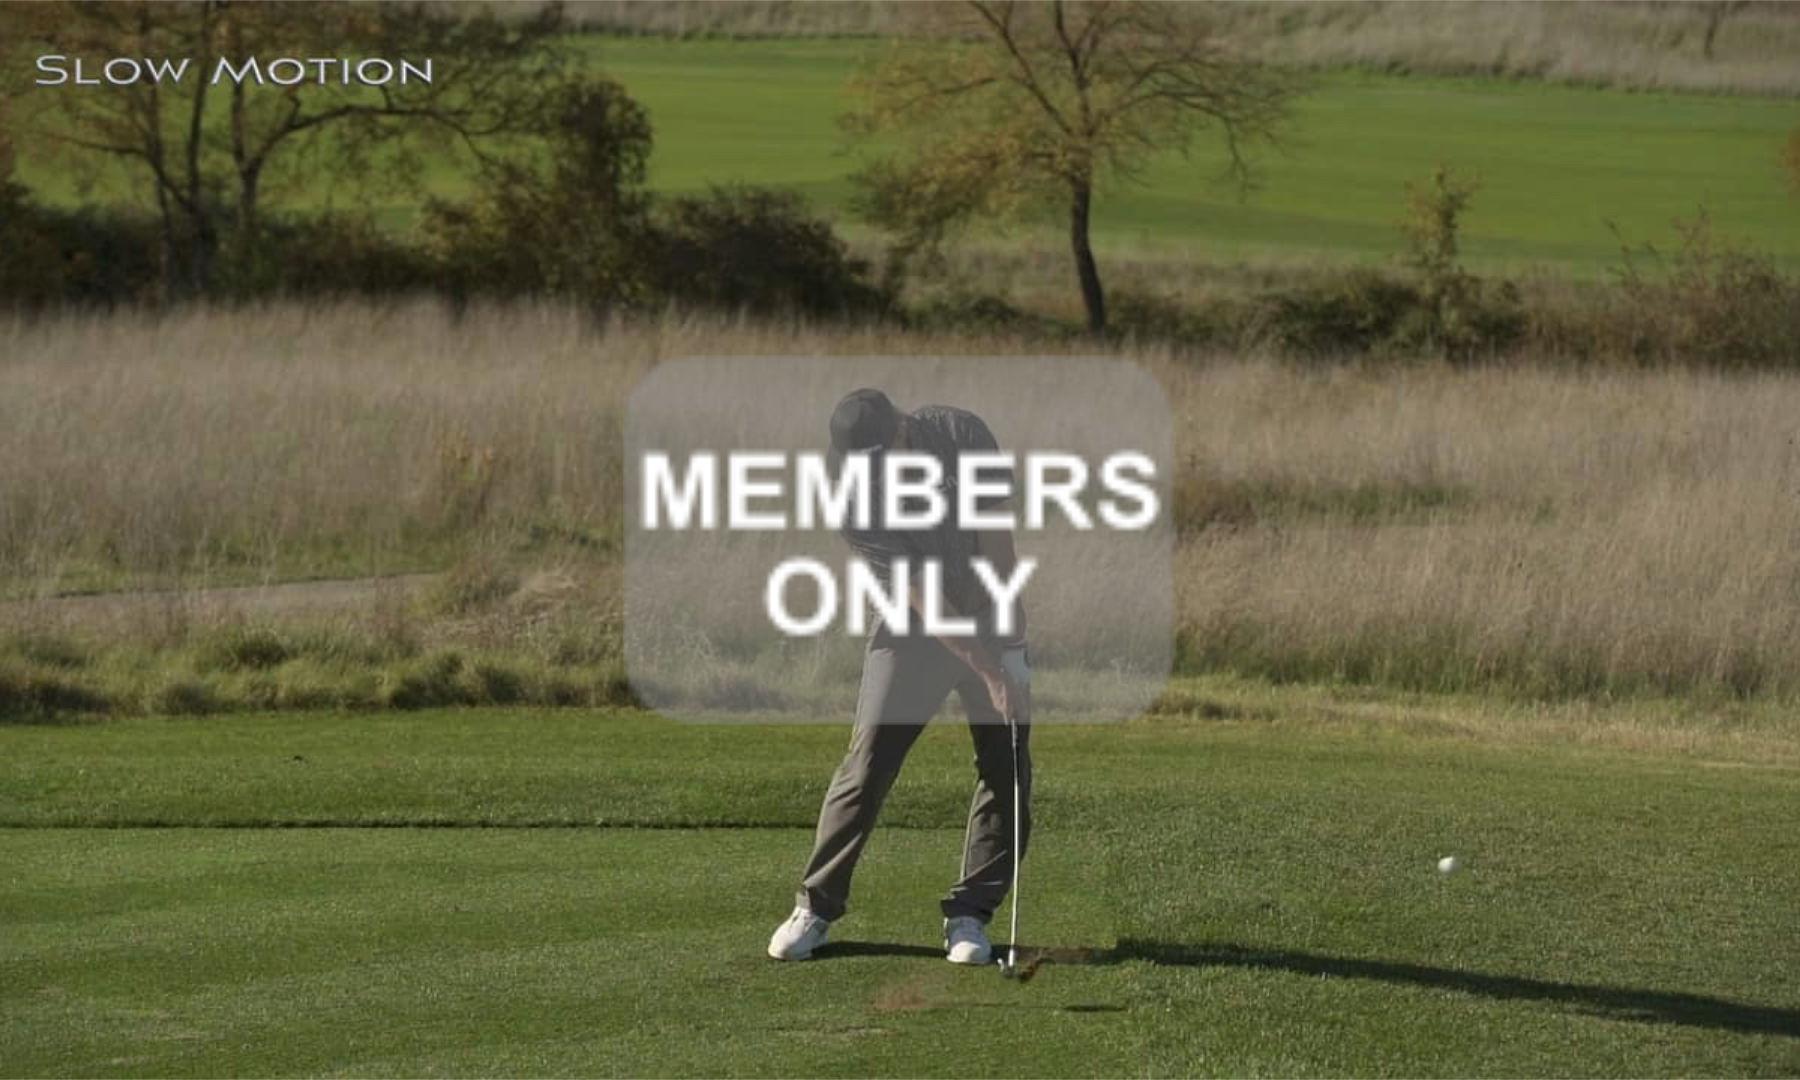 Golf lernen Videoportal – Golf spielen lernen – Loftvariation